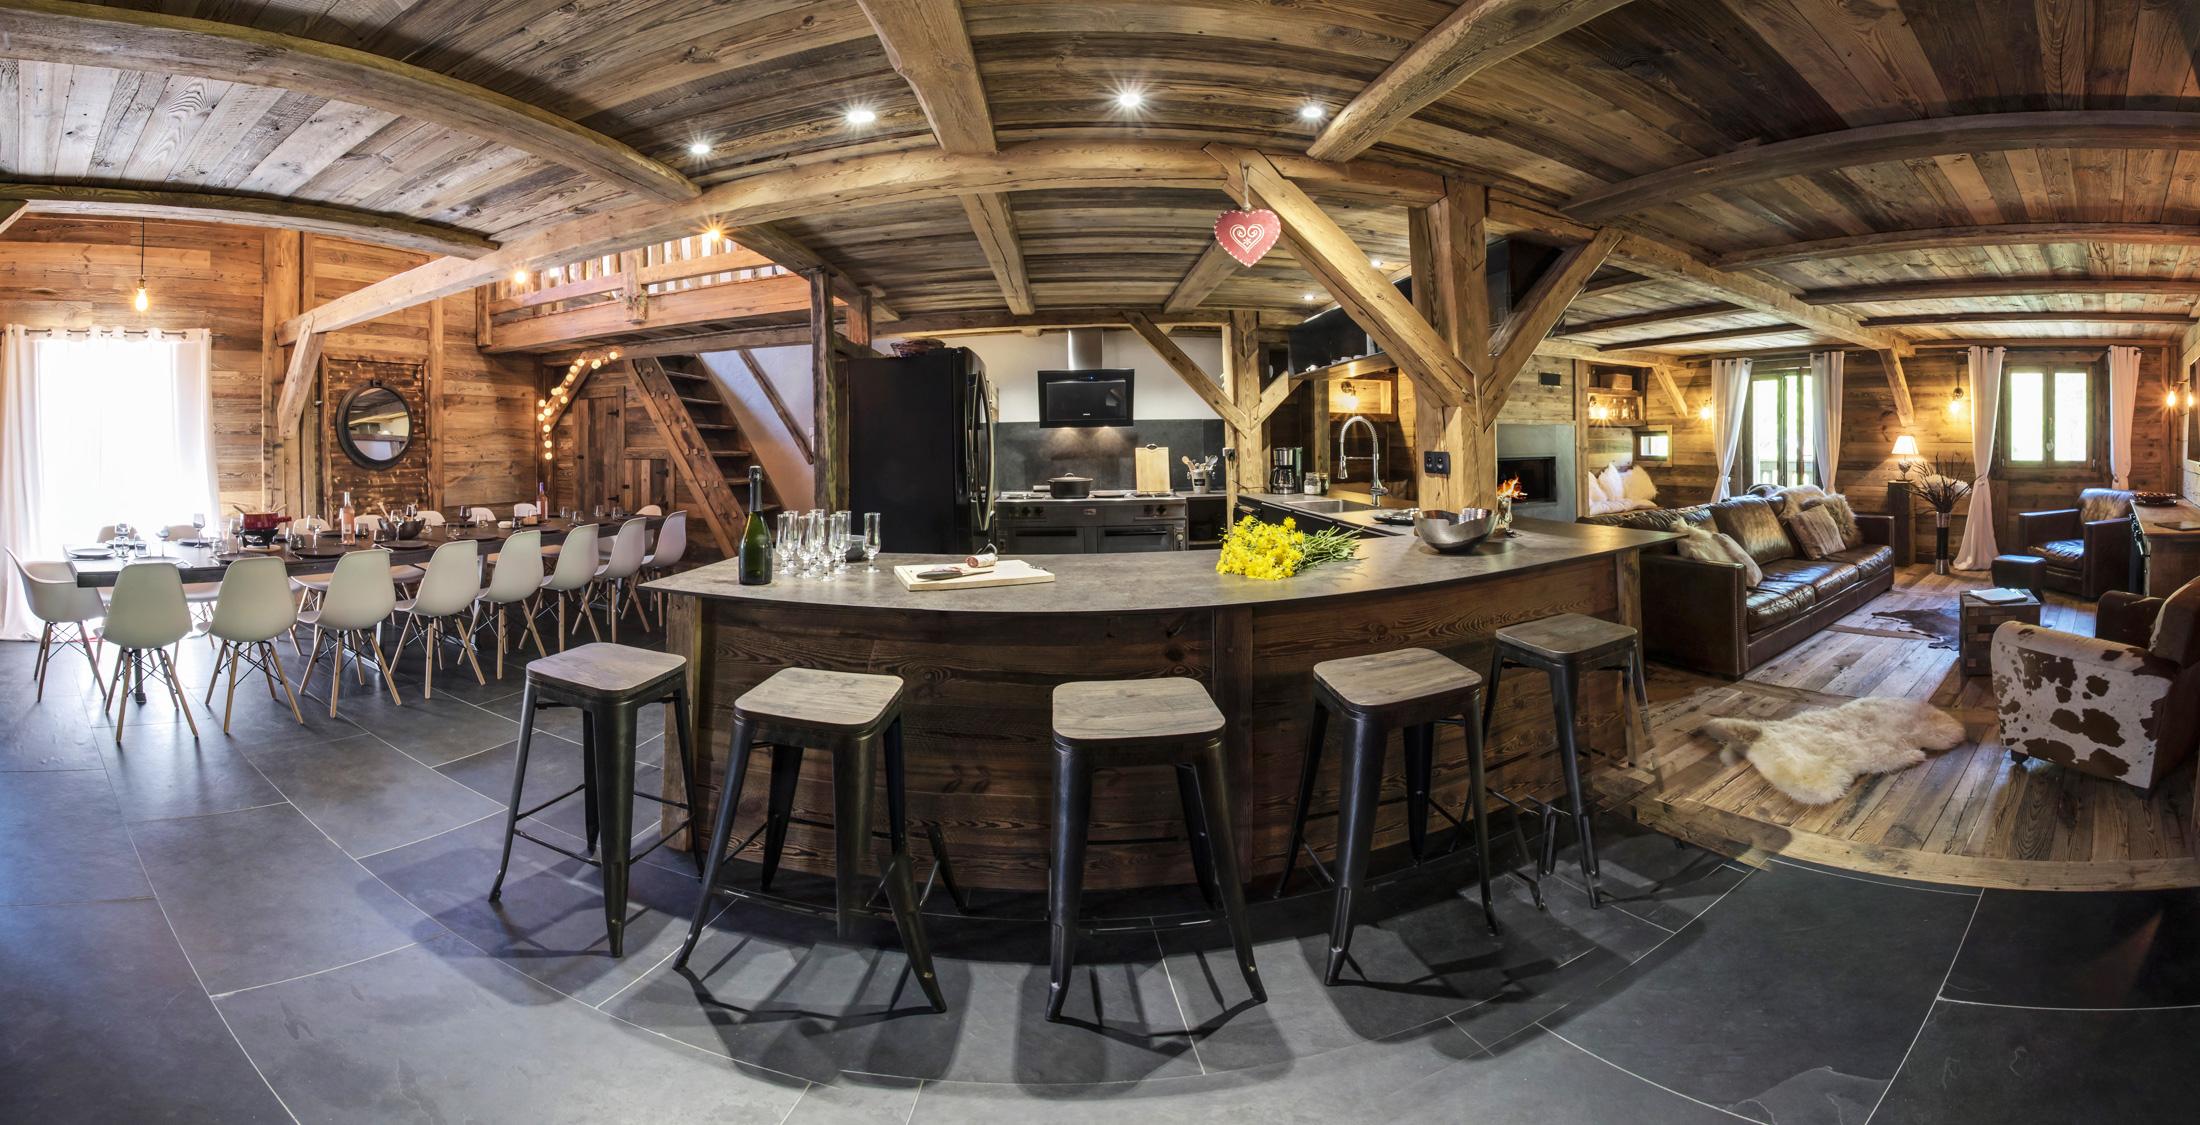 Dessinateur projeteur indépendant batiment et Architecture Annecy - Savoie Plan